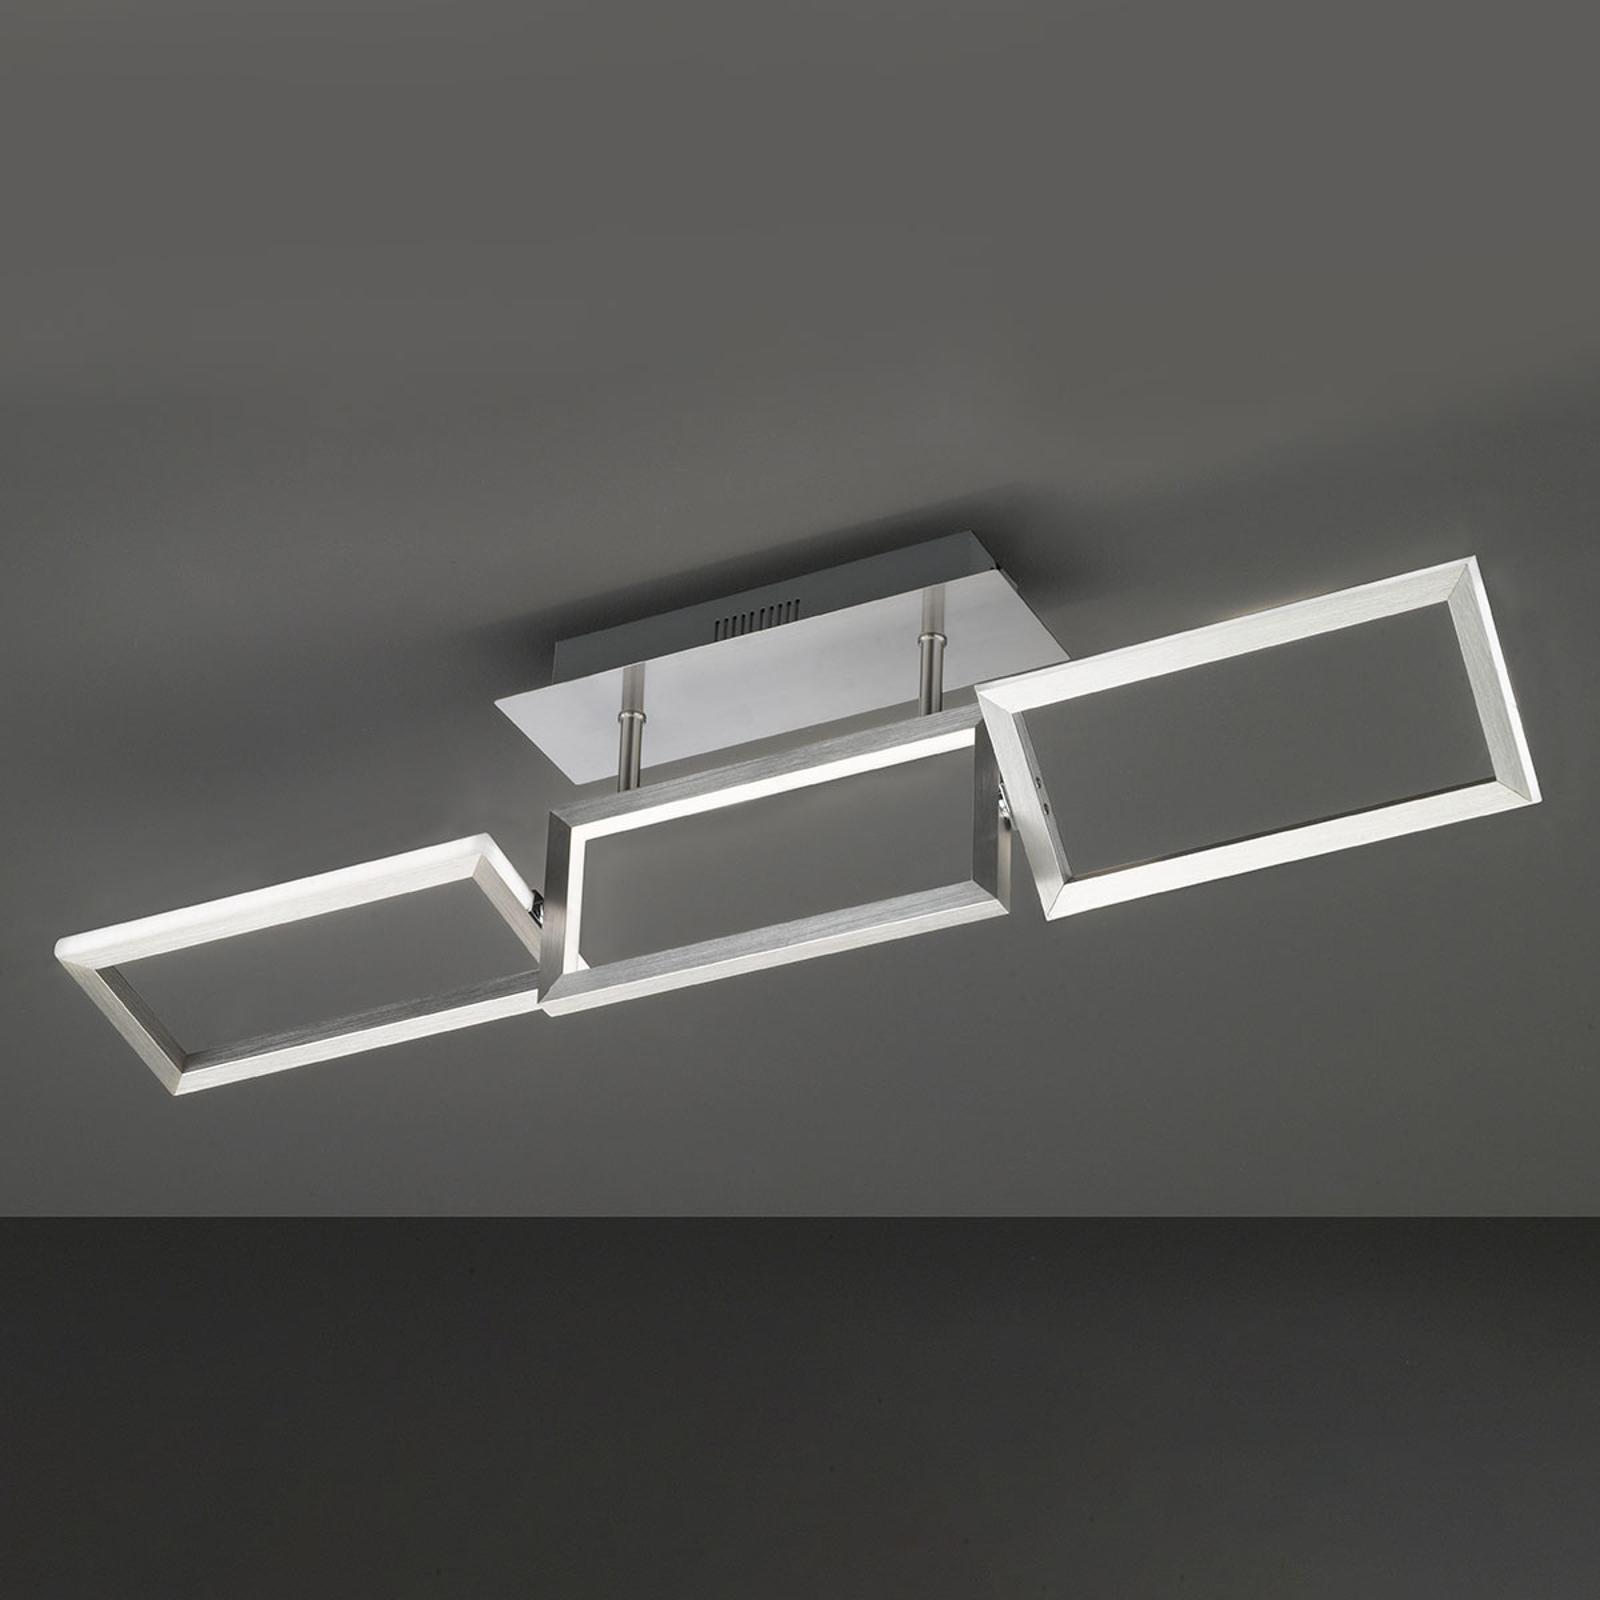 Skip LED-loftlampe, justerbar, længde 81,5 cm